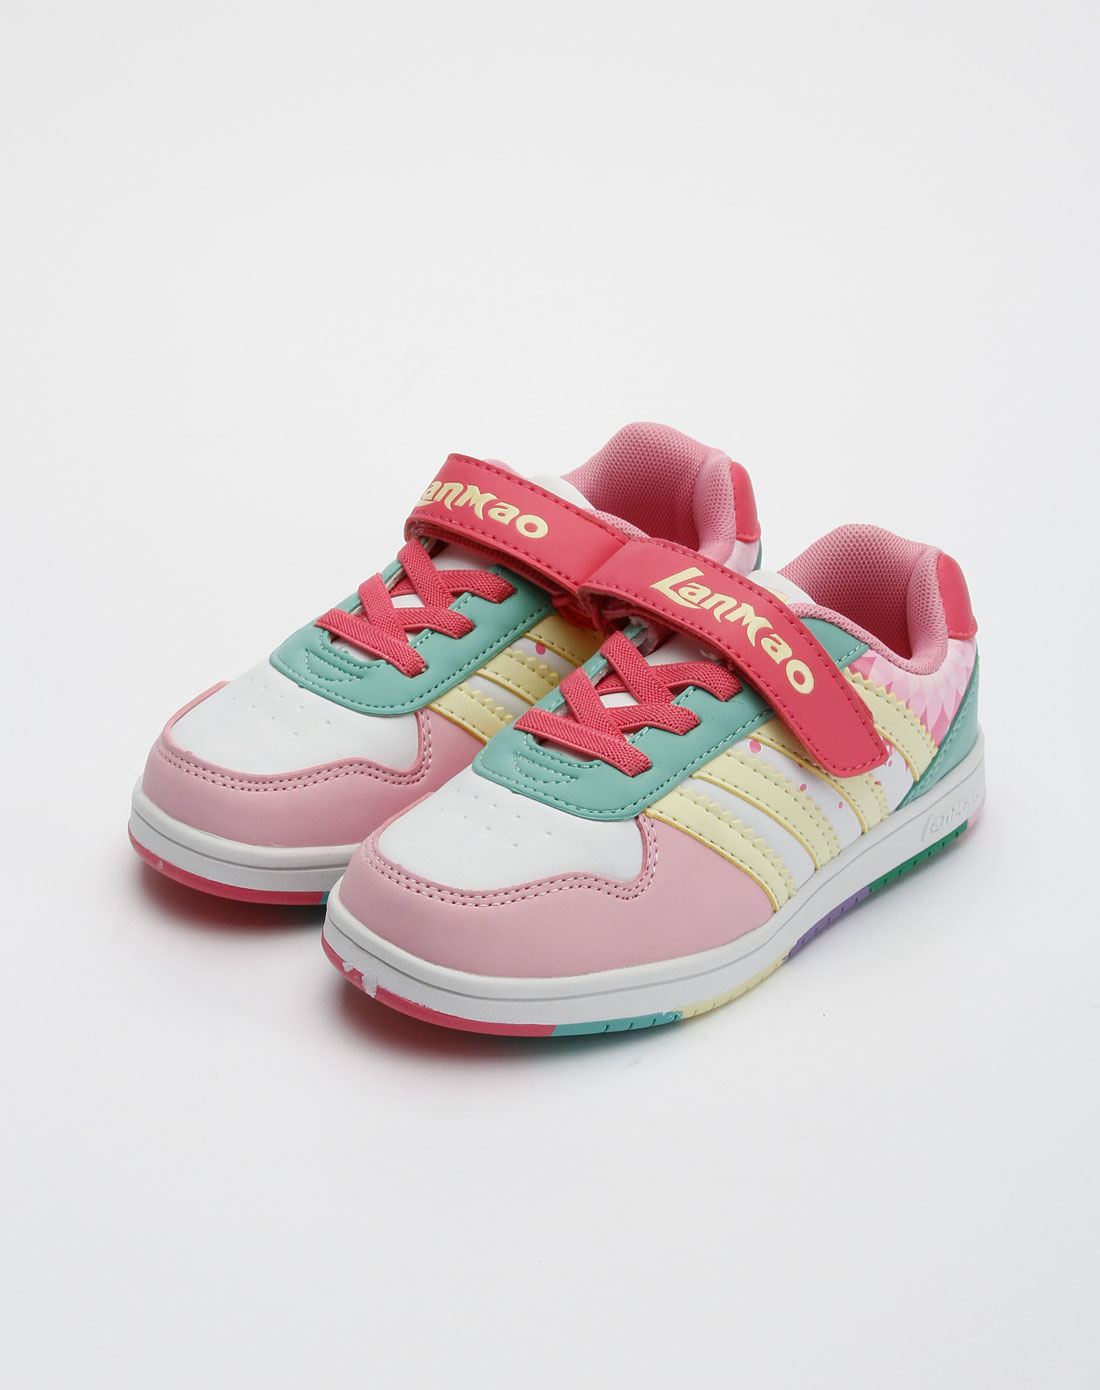 蓝猫lanmao男女童鞋女中童白粉红运动鞋(31-37)